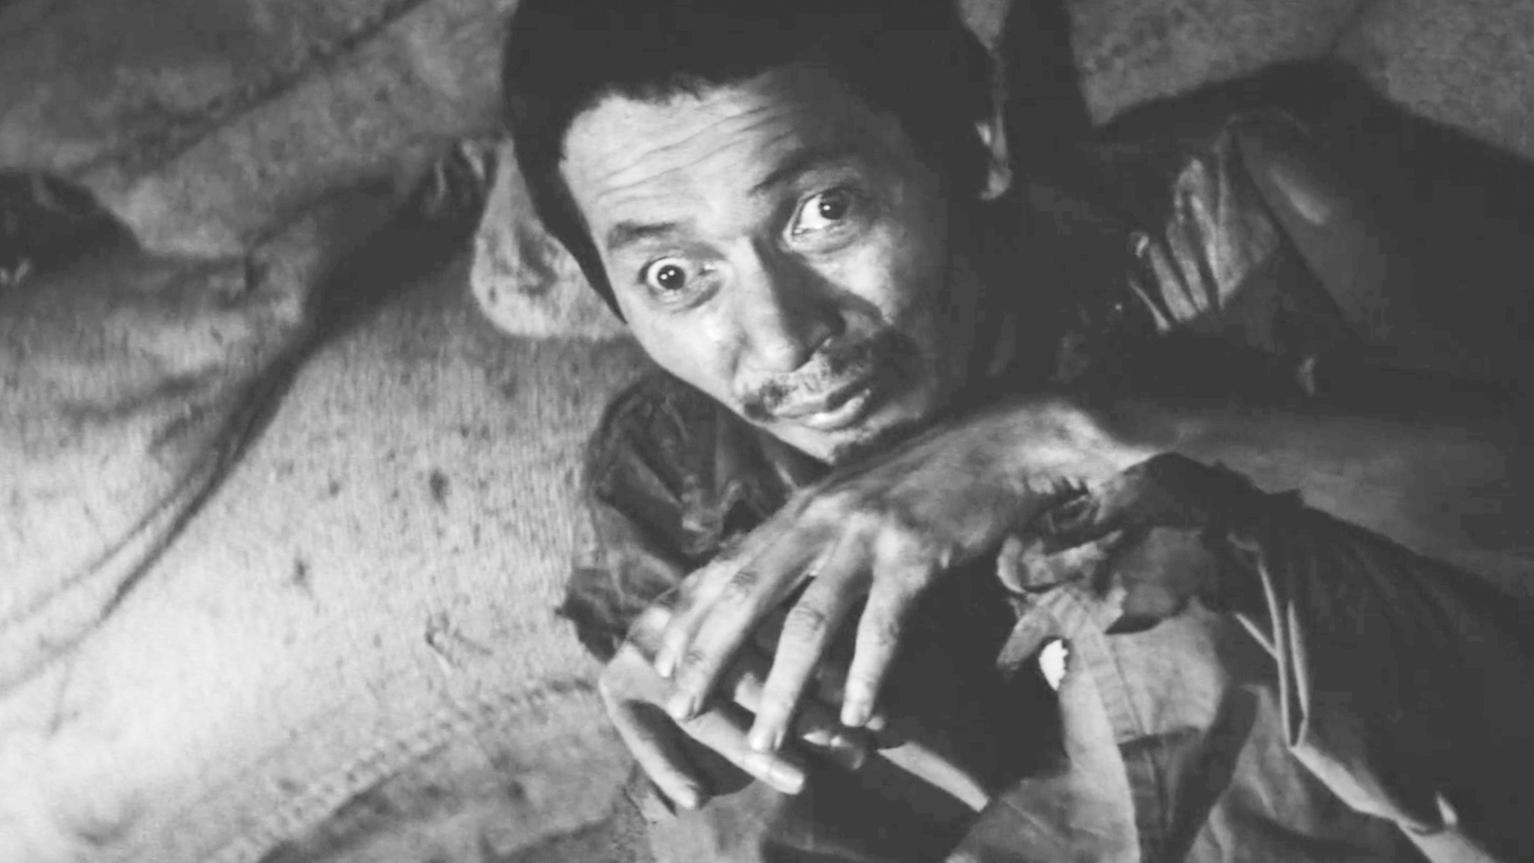 日本反战电影的巅峰之作,让你看到真正的战争有多残酷